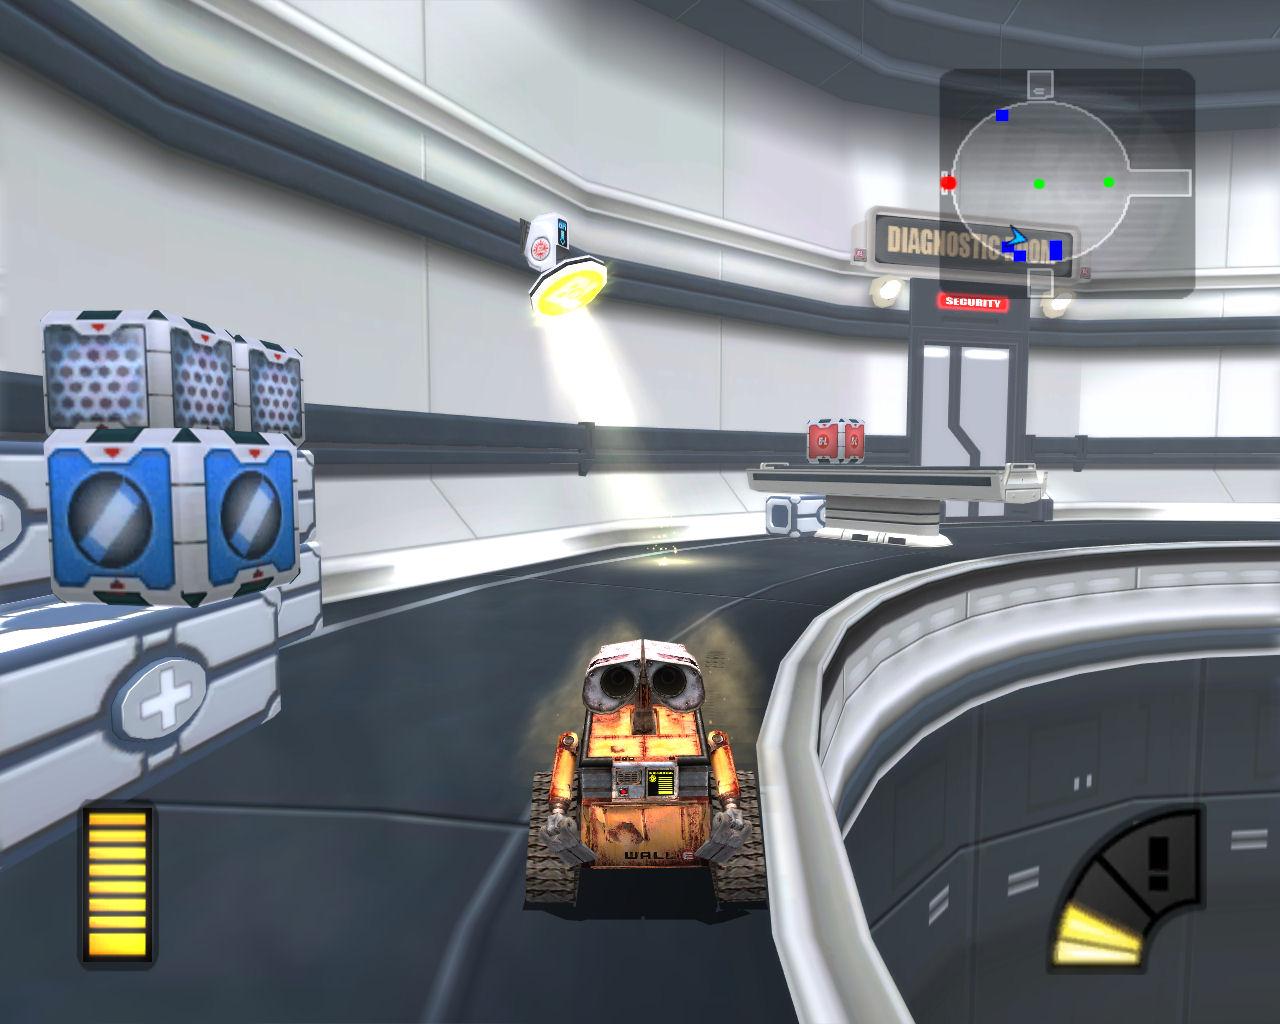 Wall-e - Роботизированное Чудо